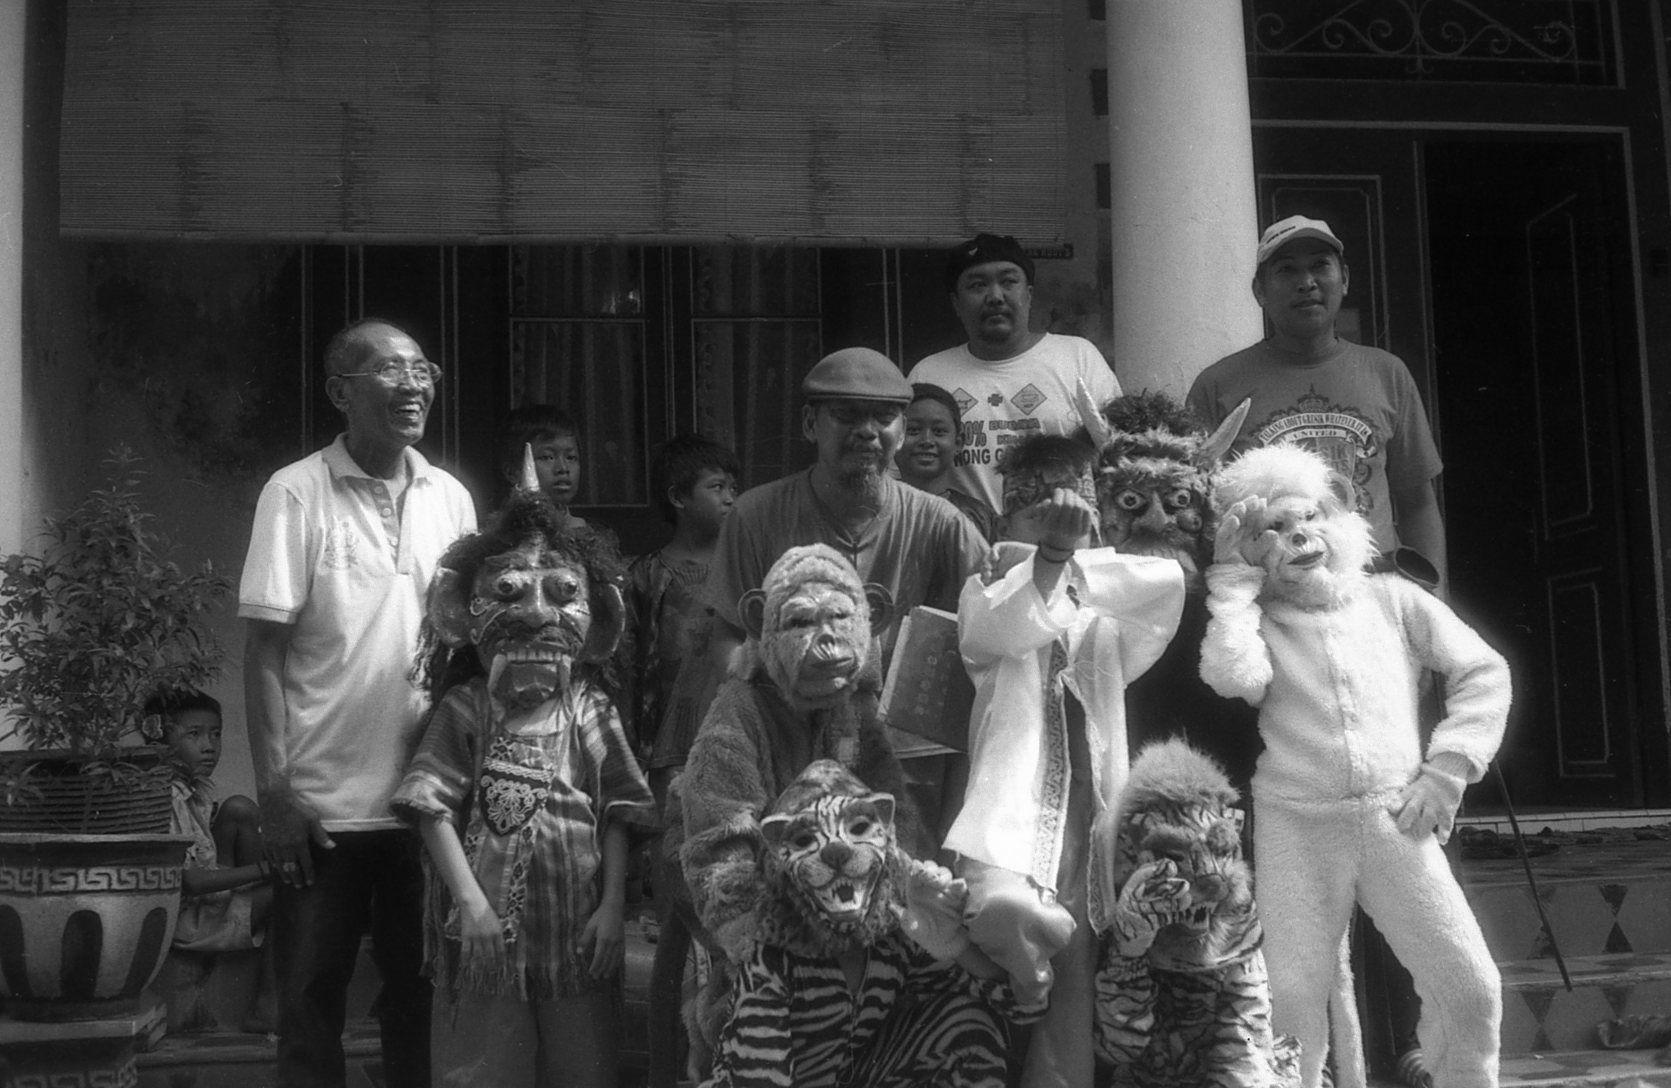 Menghidupkan Kembali Pencak Macan di Kabupaten Gresik